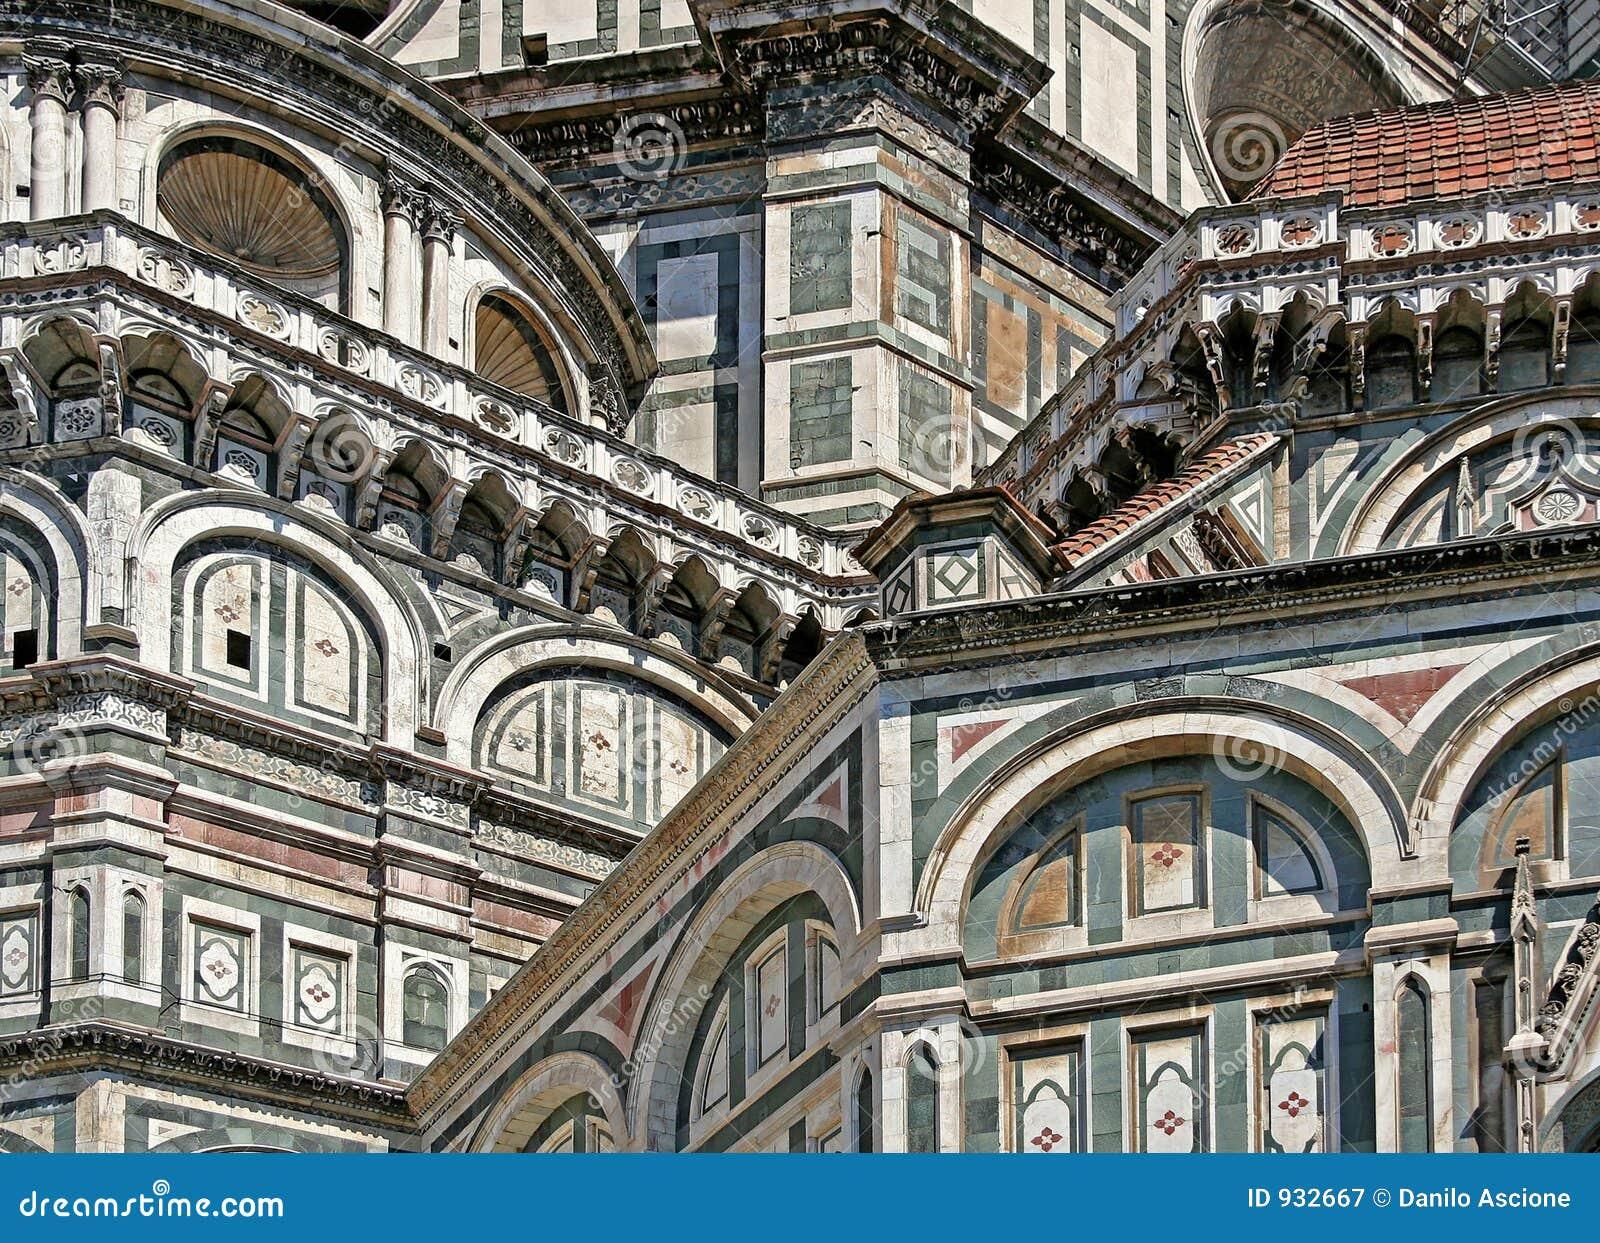 Florence Dome Santa Maria del Fiore - Detail